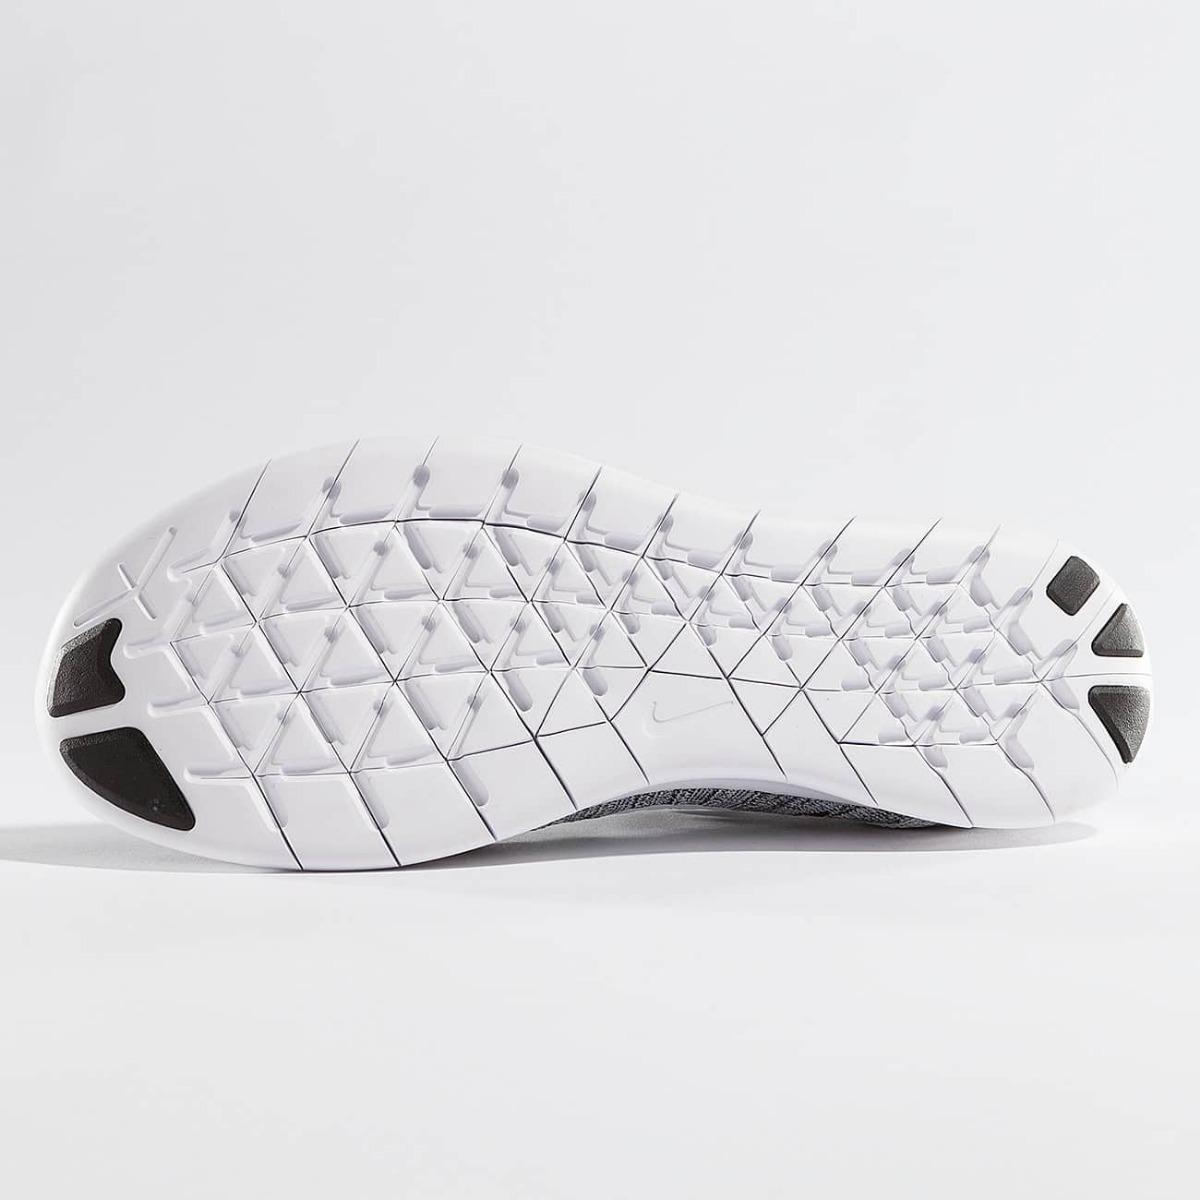 c970717f231 Tenis Nike Free Rn Flyknit Mujer Negros Originales -   339.900 en ...